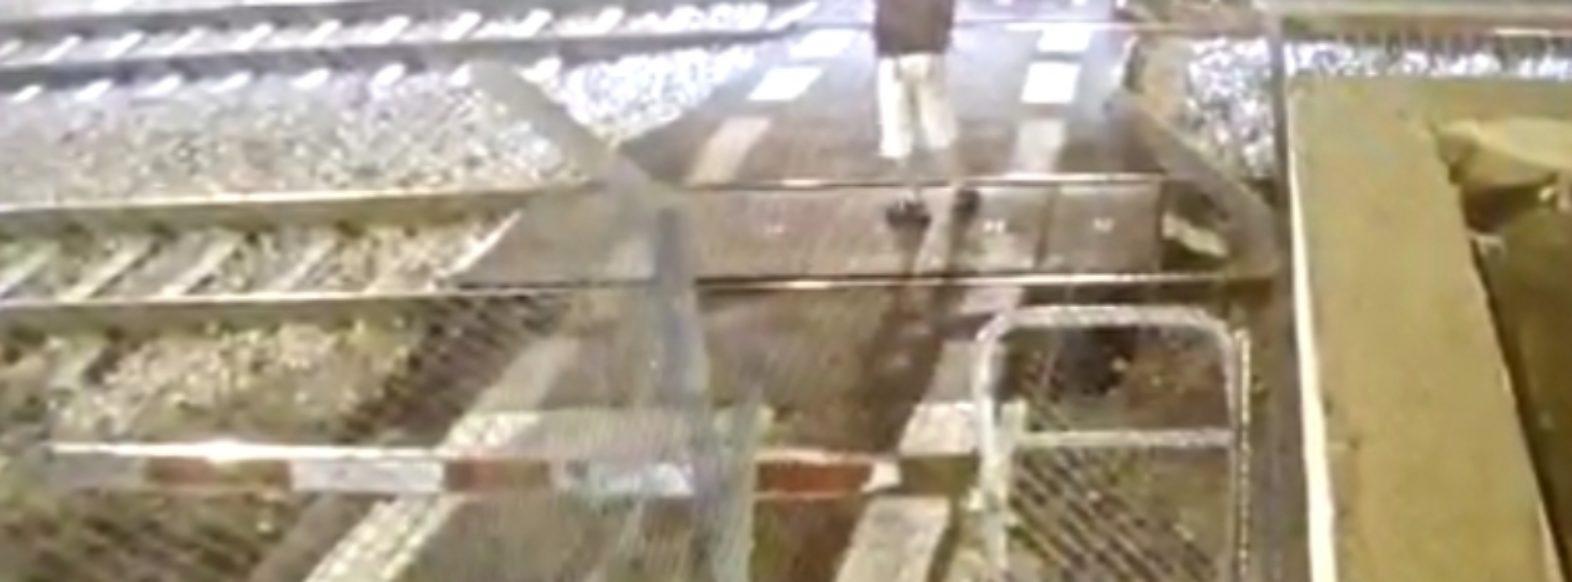 קריית שמואל: נתפס מתועד מיידה אבנים על רכבת ומסכן את הולכי הרגל